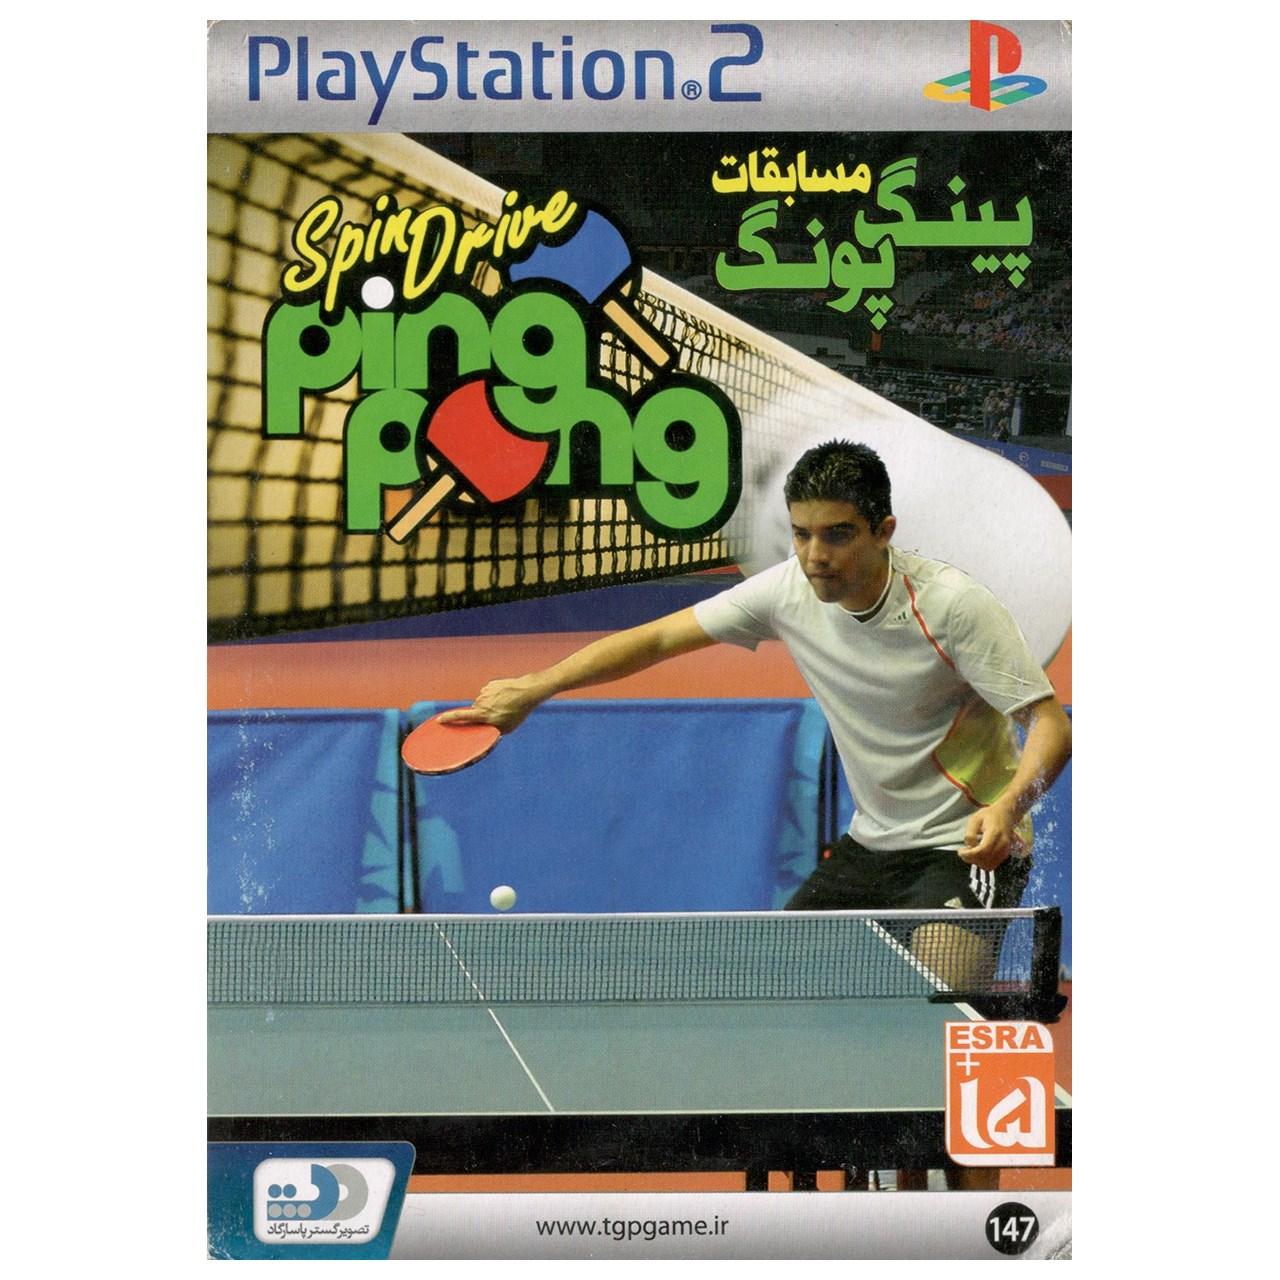 بازی پینگ پنگ مخصوص پلی استیشن 2